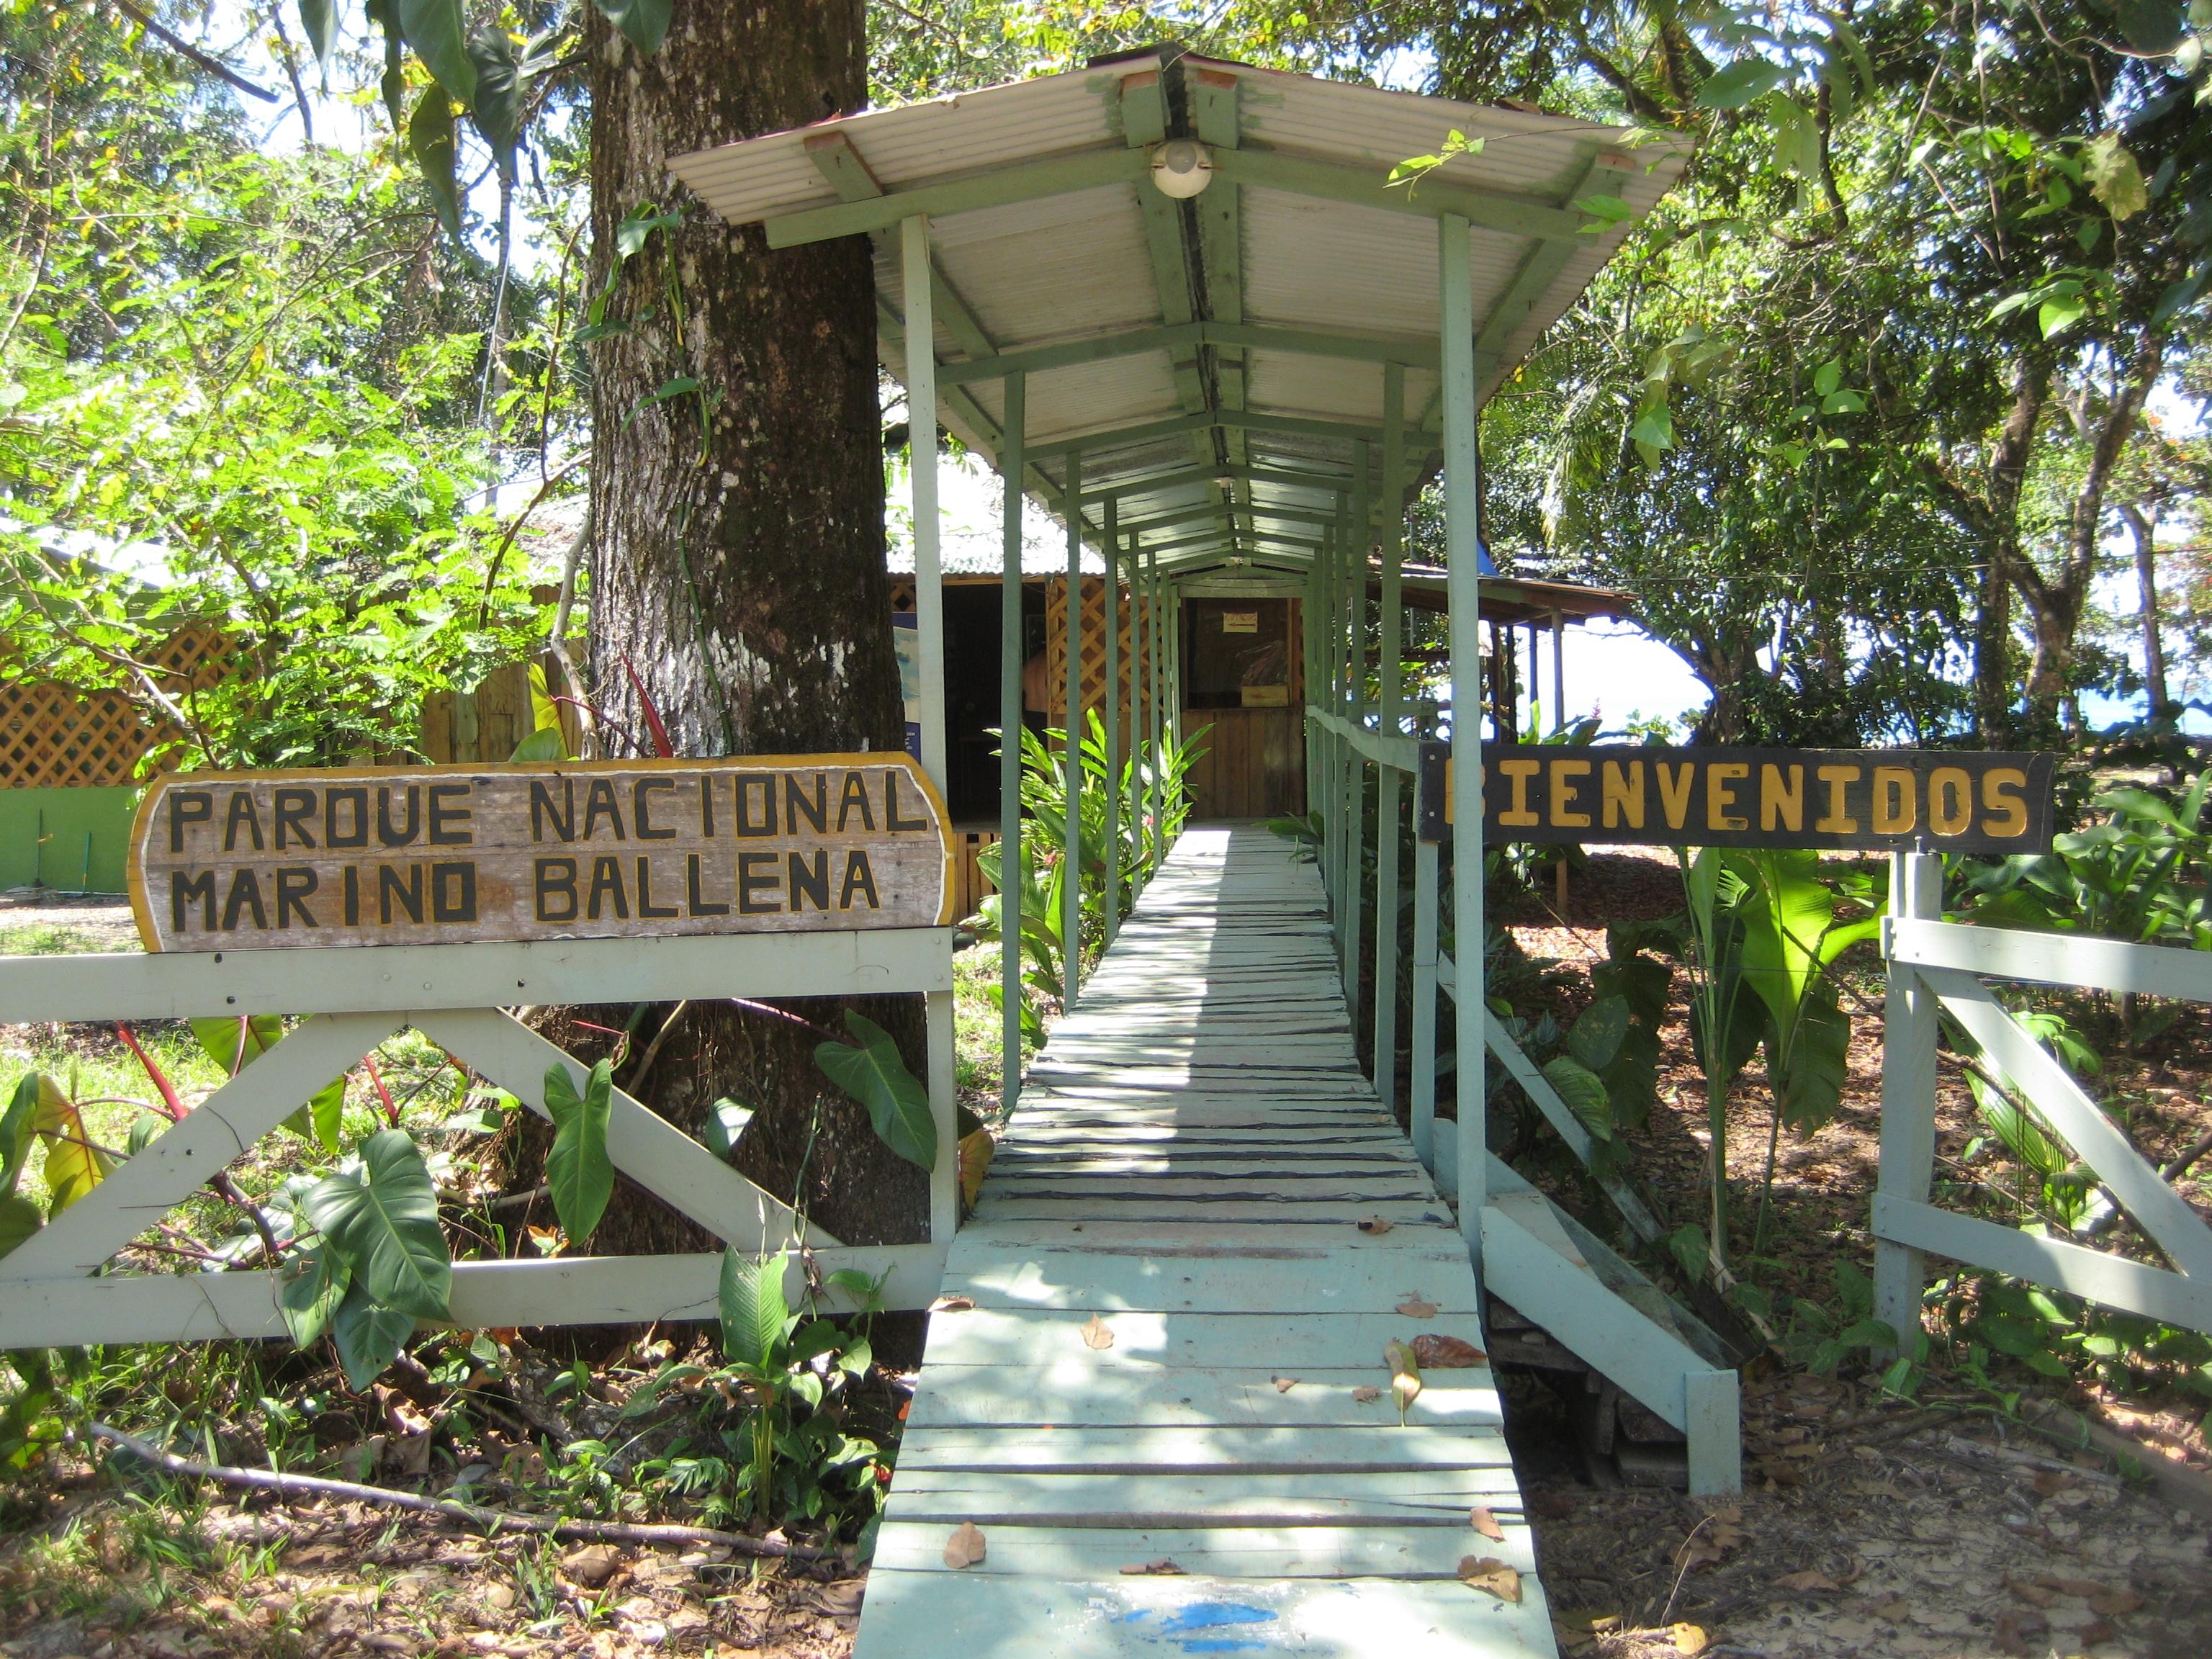 File:Costa Rica Nationalpark Marino Ballena.JPG - Wikimedia Commons